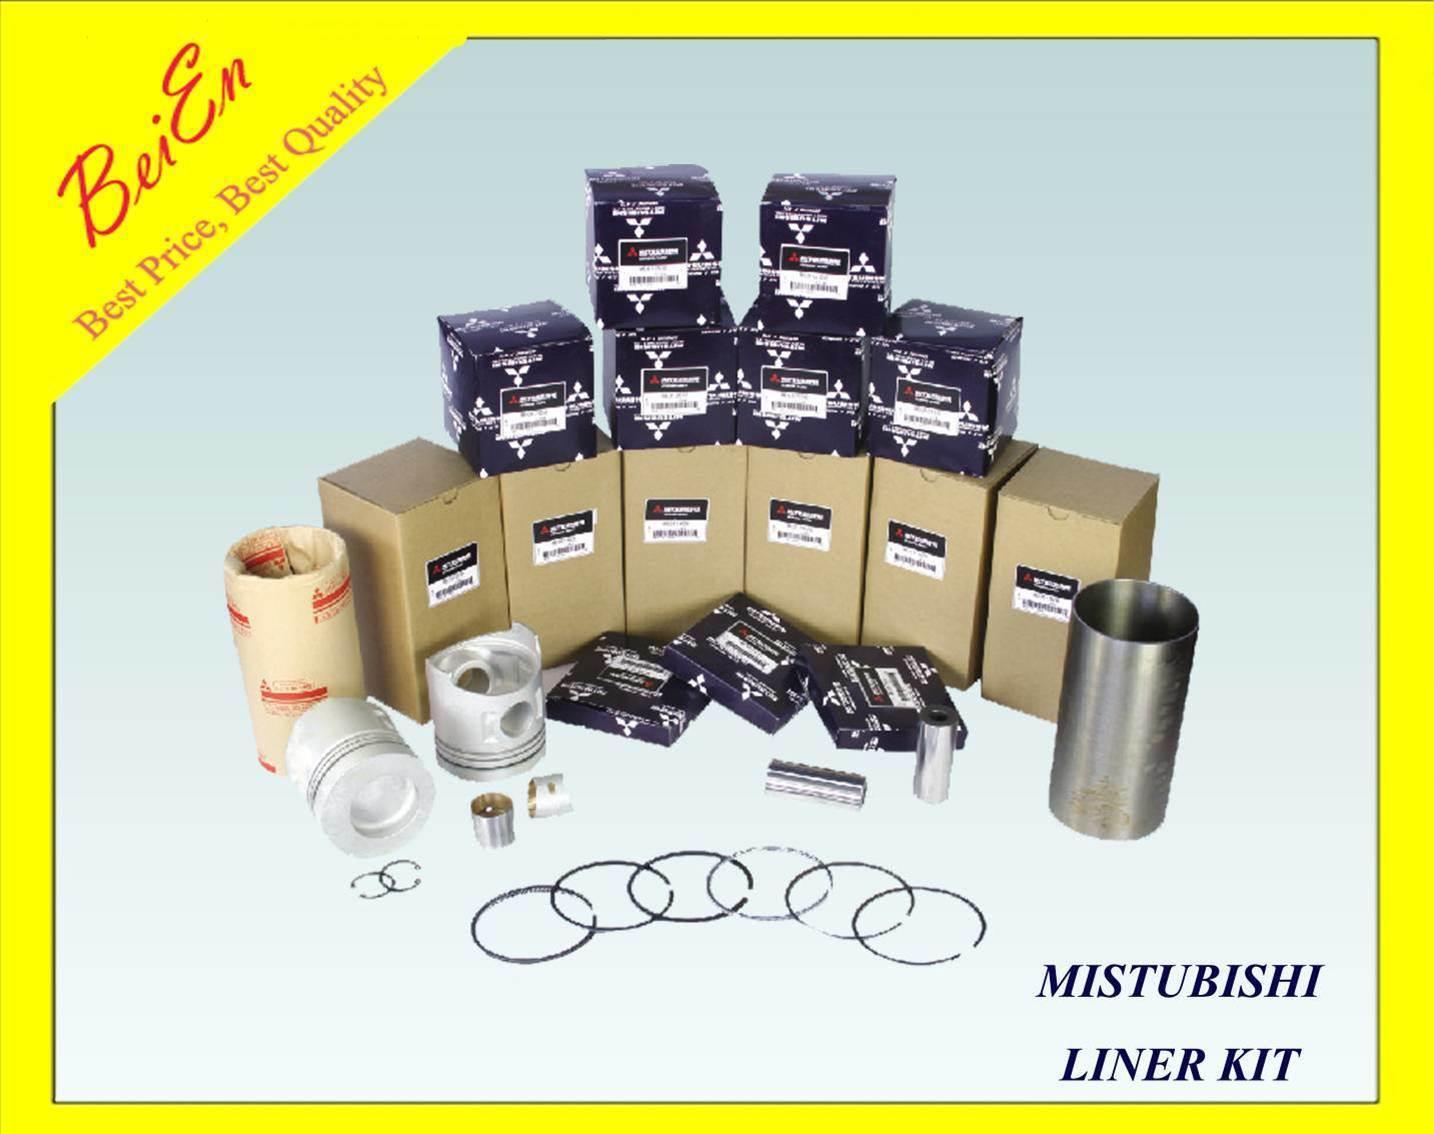 Liner Kit for Mitsubishi Excavator Engine Model